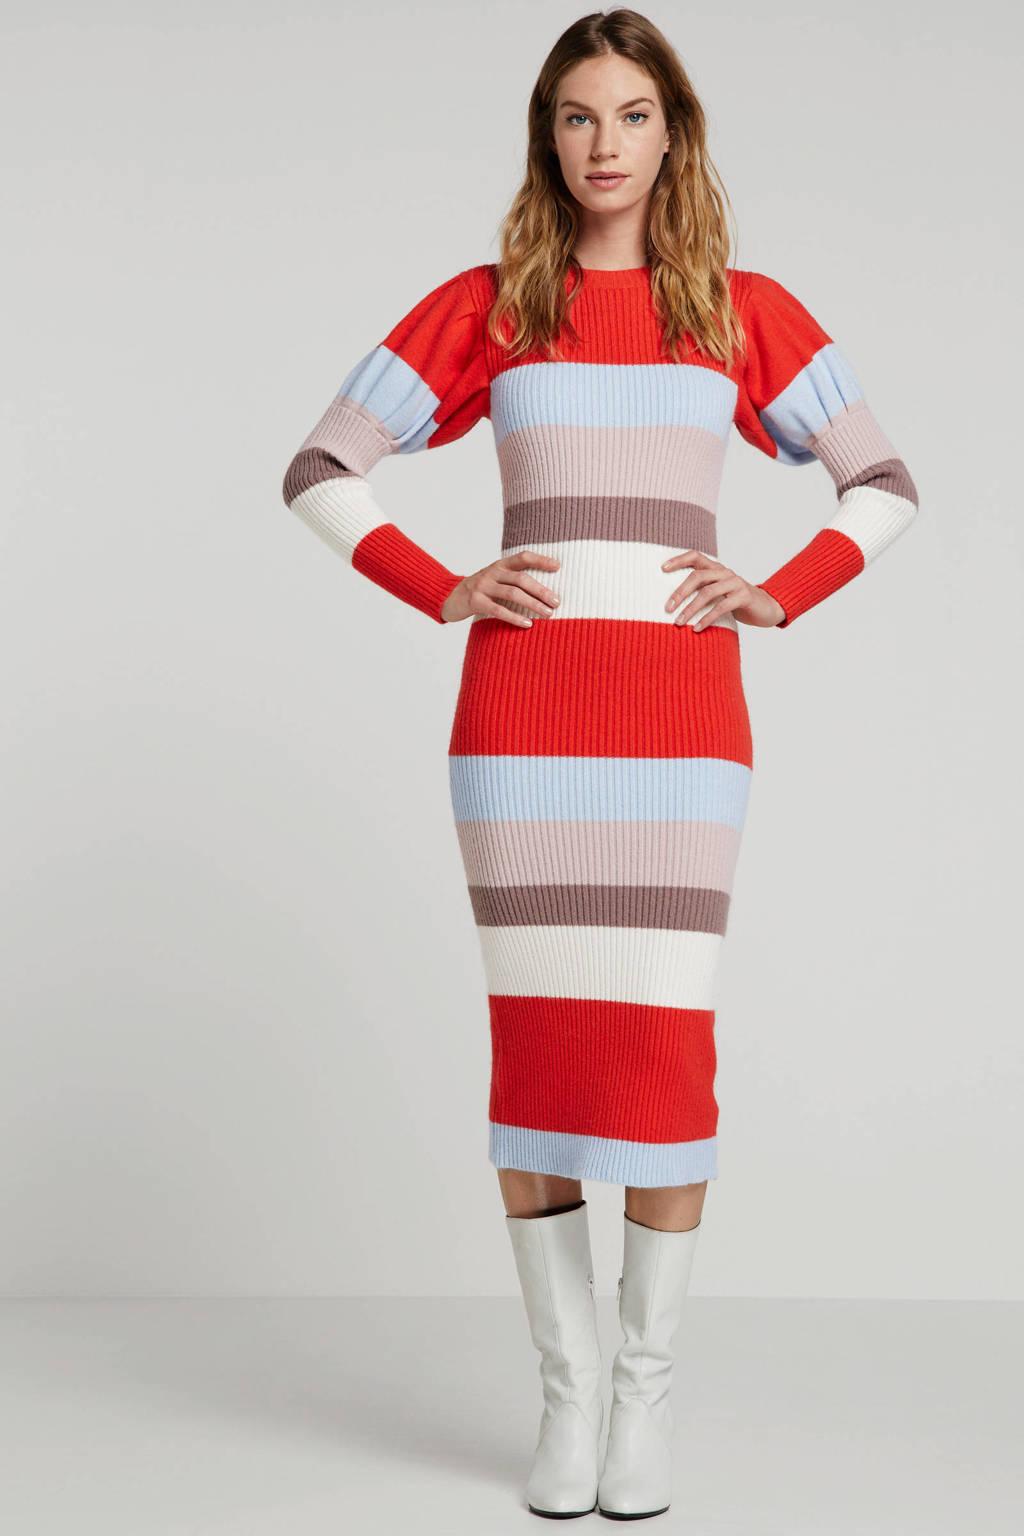 Lost Ink gestreepte jurk rood multi, Rood multi